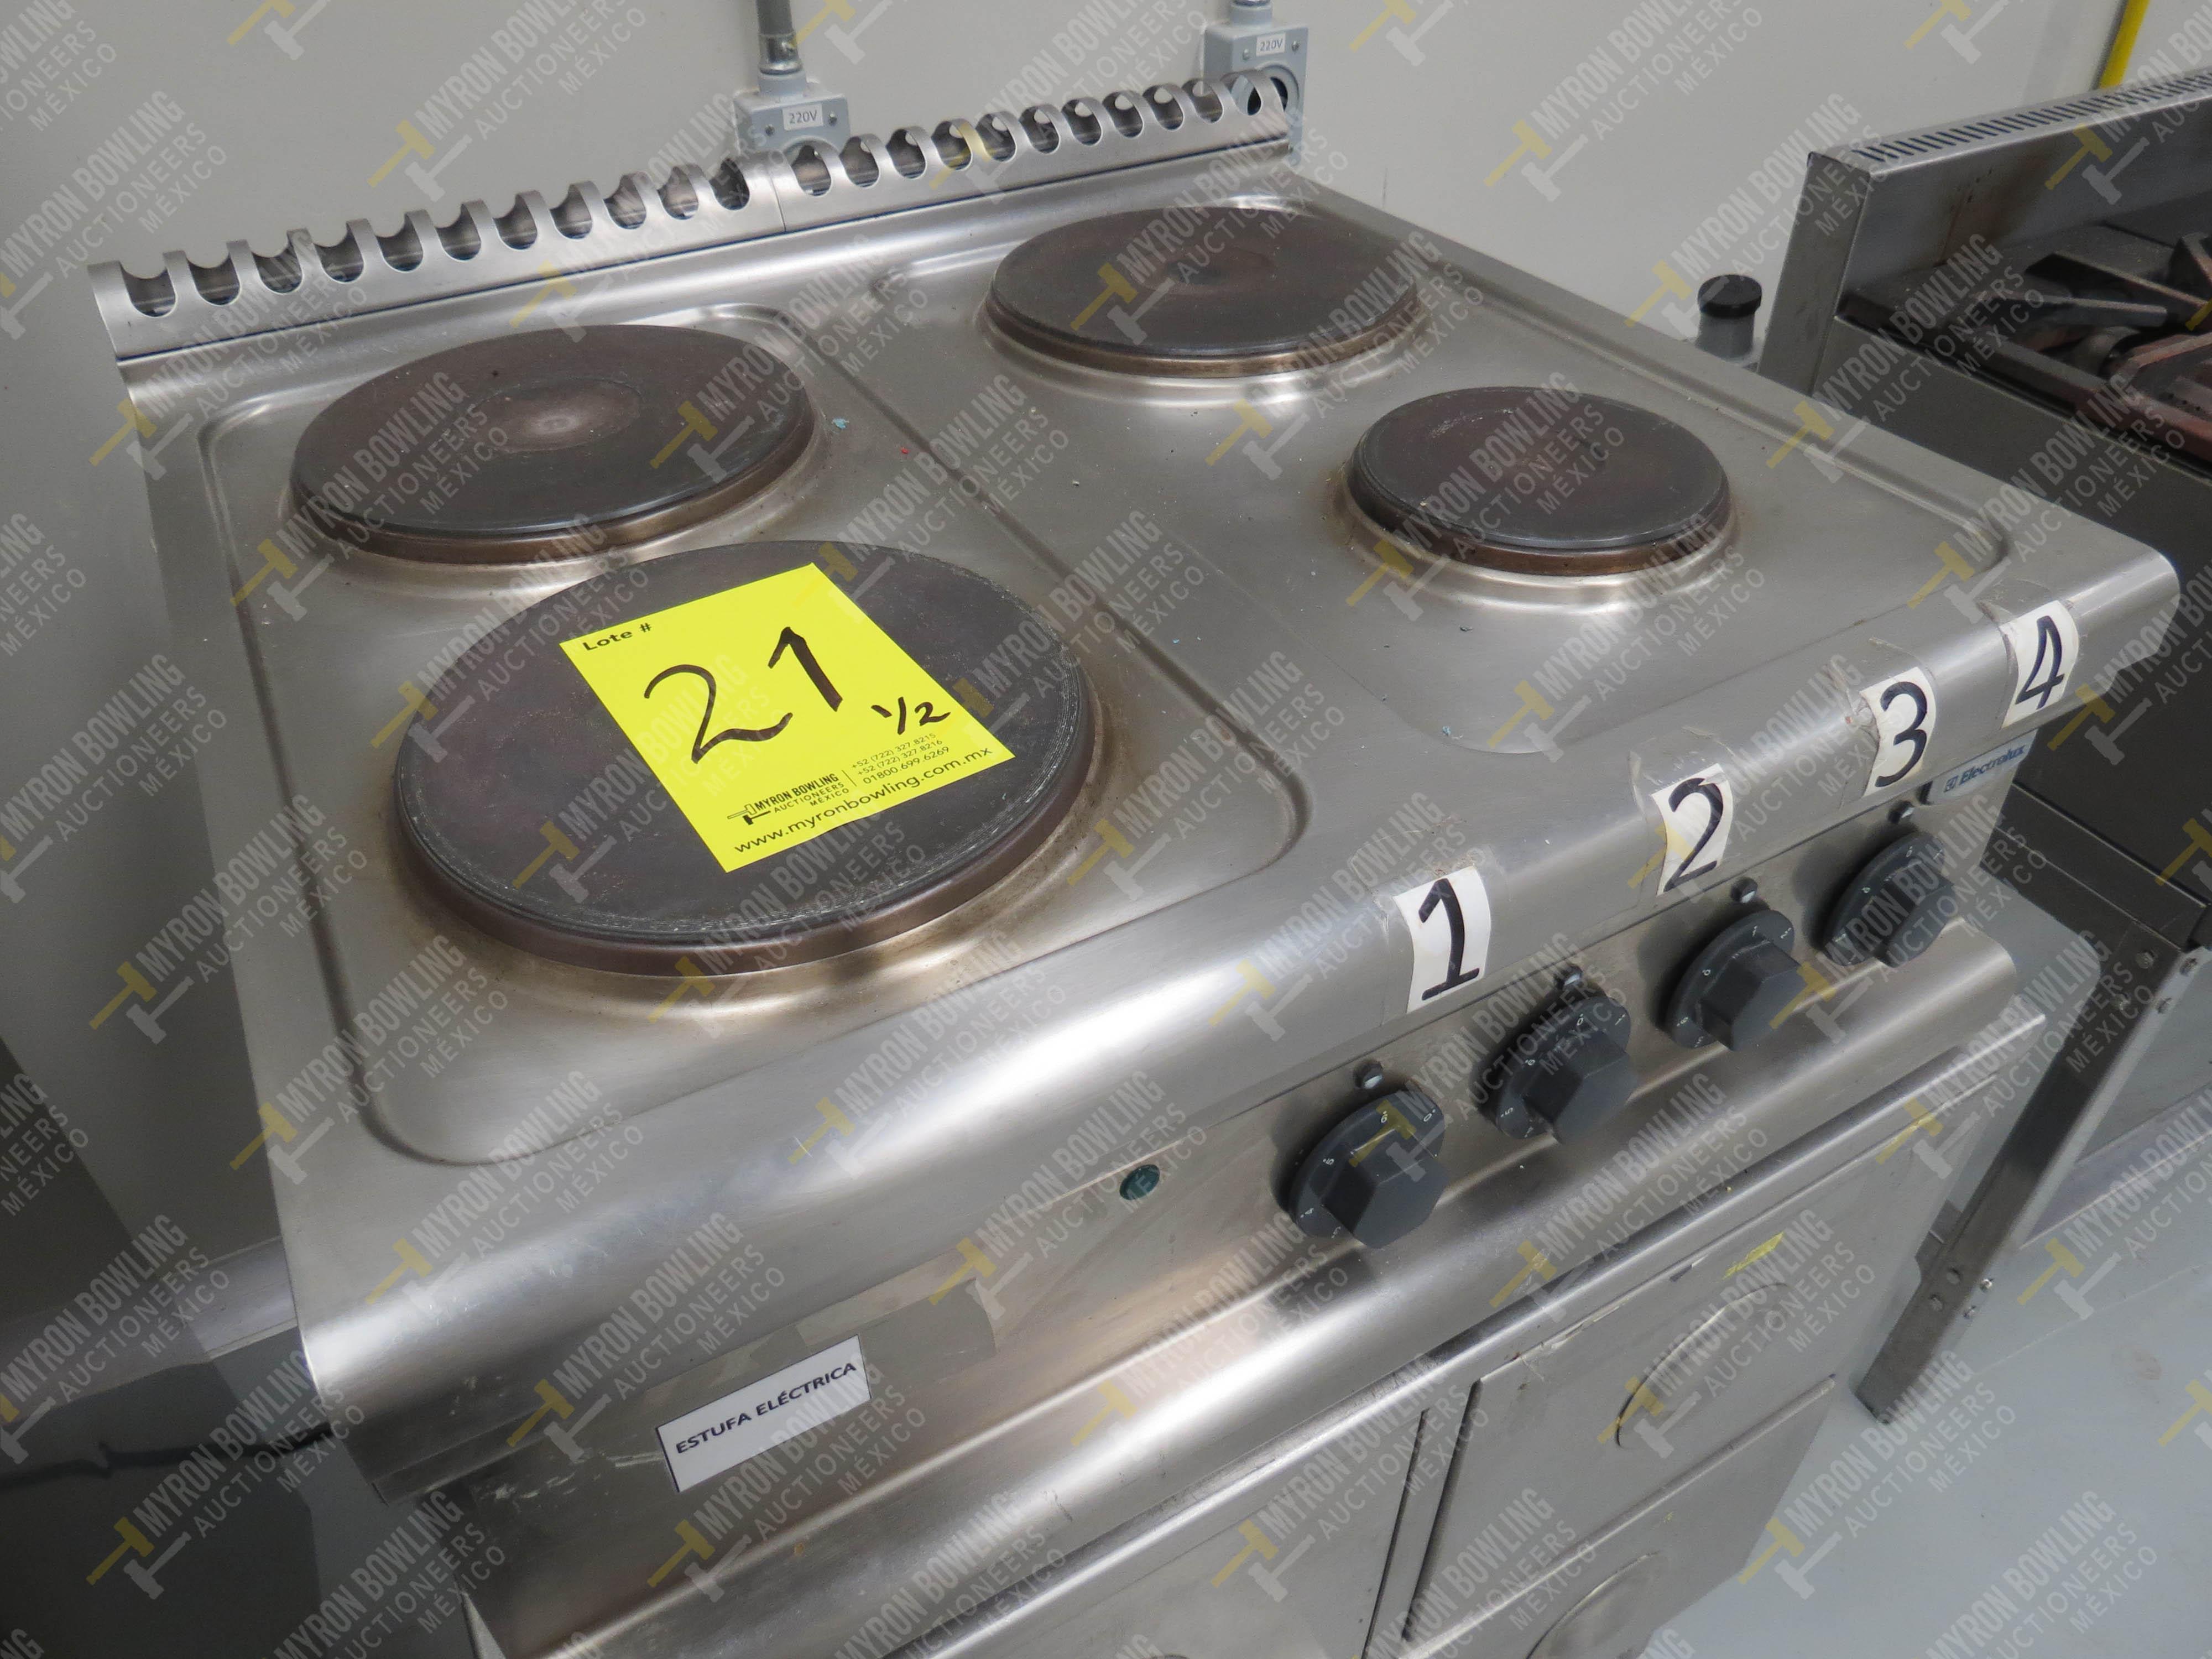 Estufa eléctrica de cuatro quemadores marca Electrolux de medidas 70 x 70 x 30 cm, … - Image 4 of 6